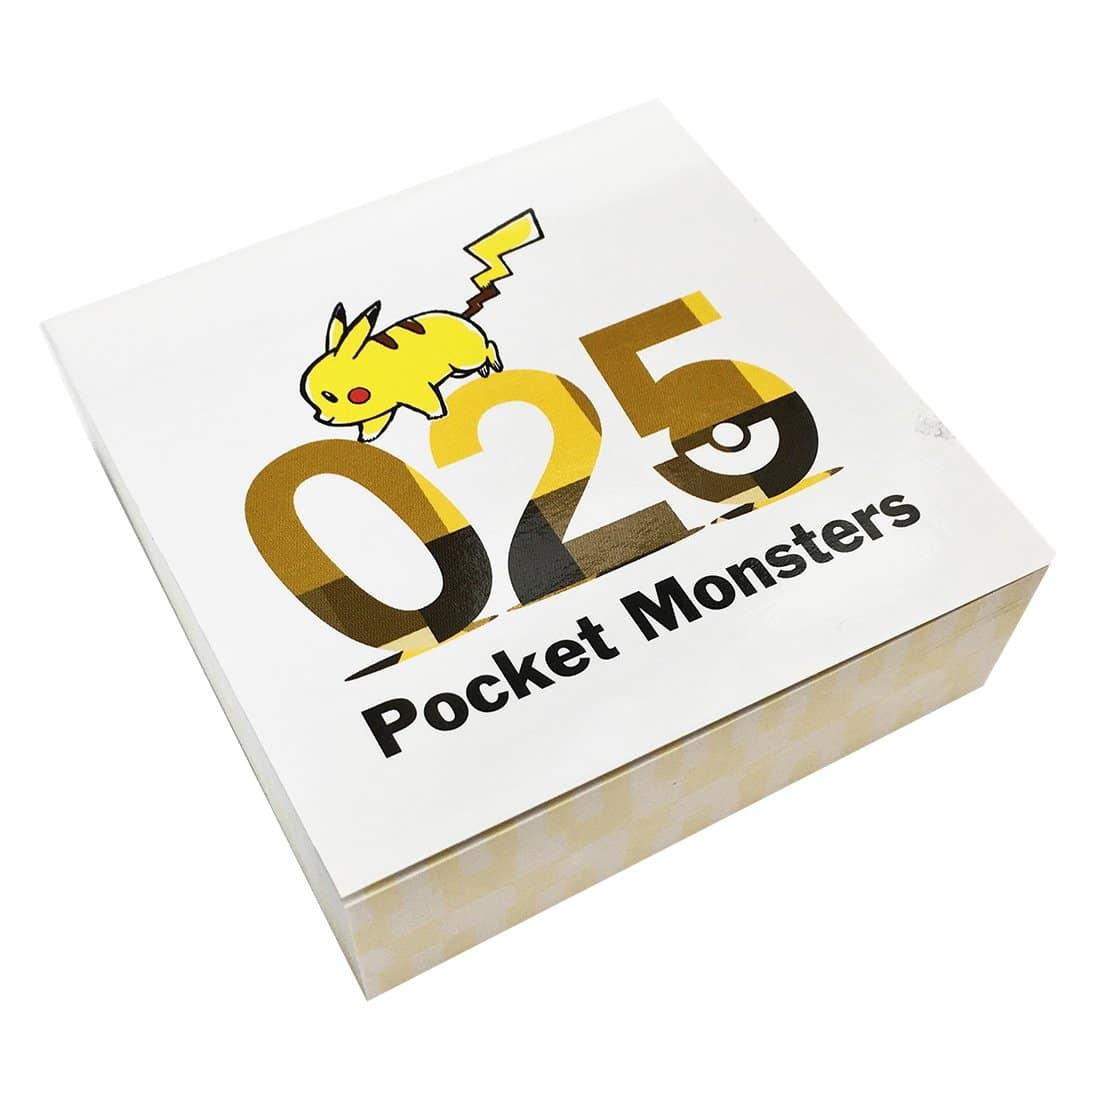 ポケットモンスター ブロックメモ ピカチュウ025